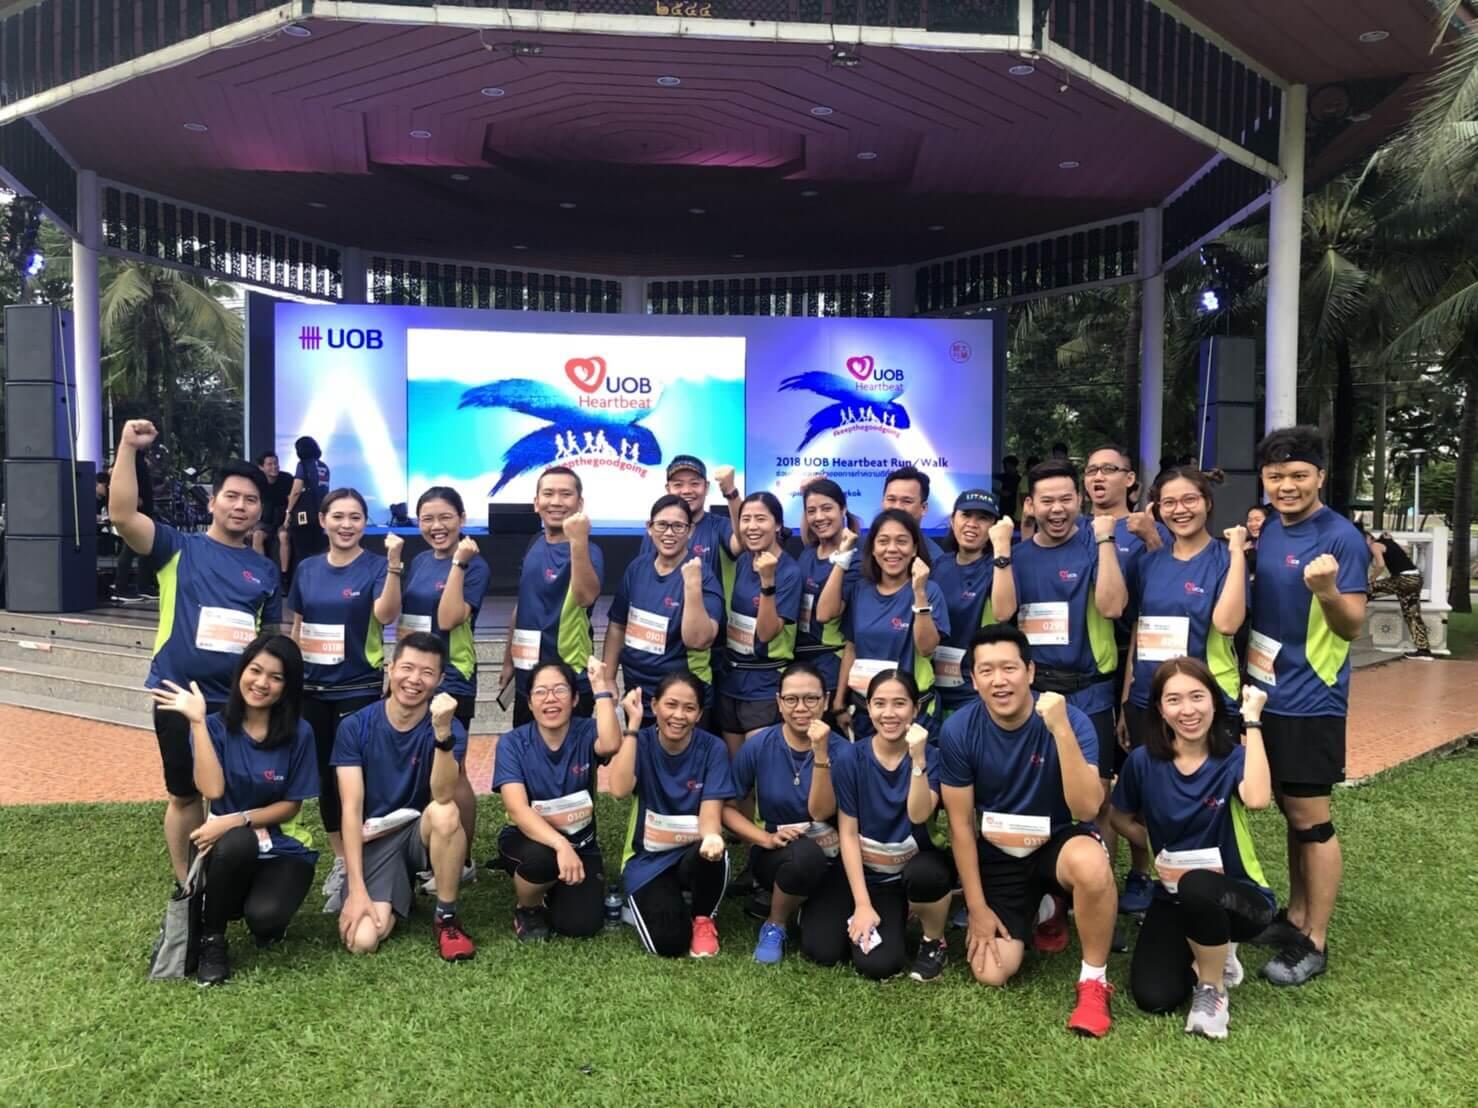 รวมภาพบรรยากาศงาน 2018 UOB Heartbeat Run/Walk